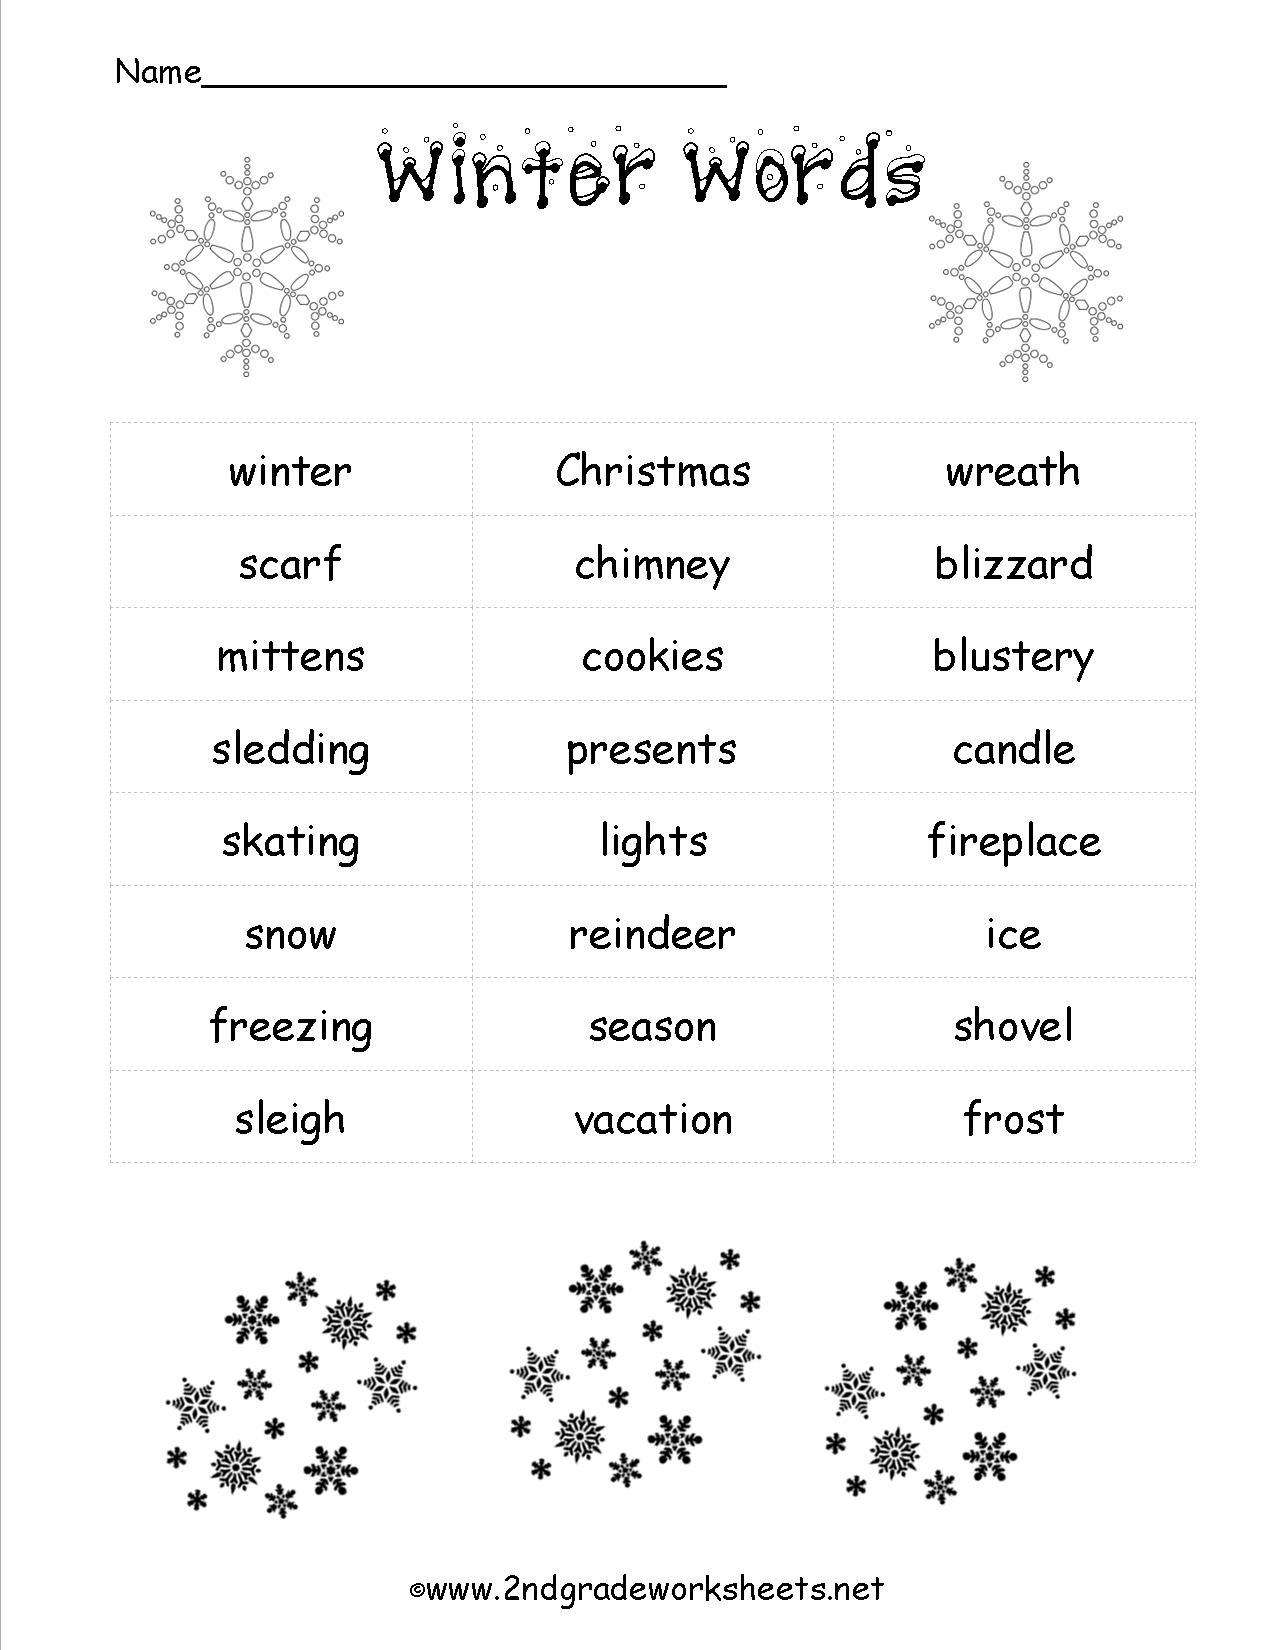 Winter Weather Worksheets For Kindergarten  20501